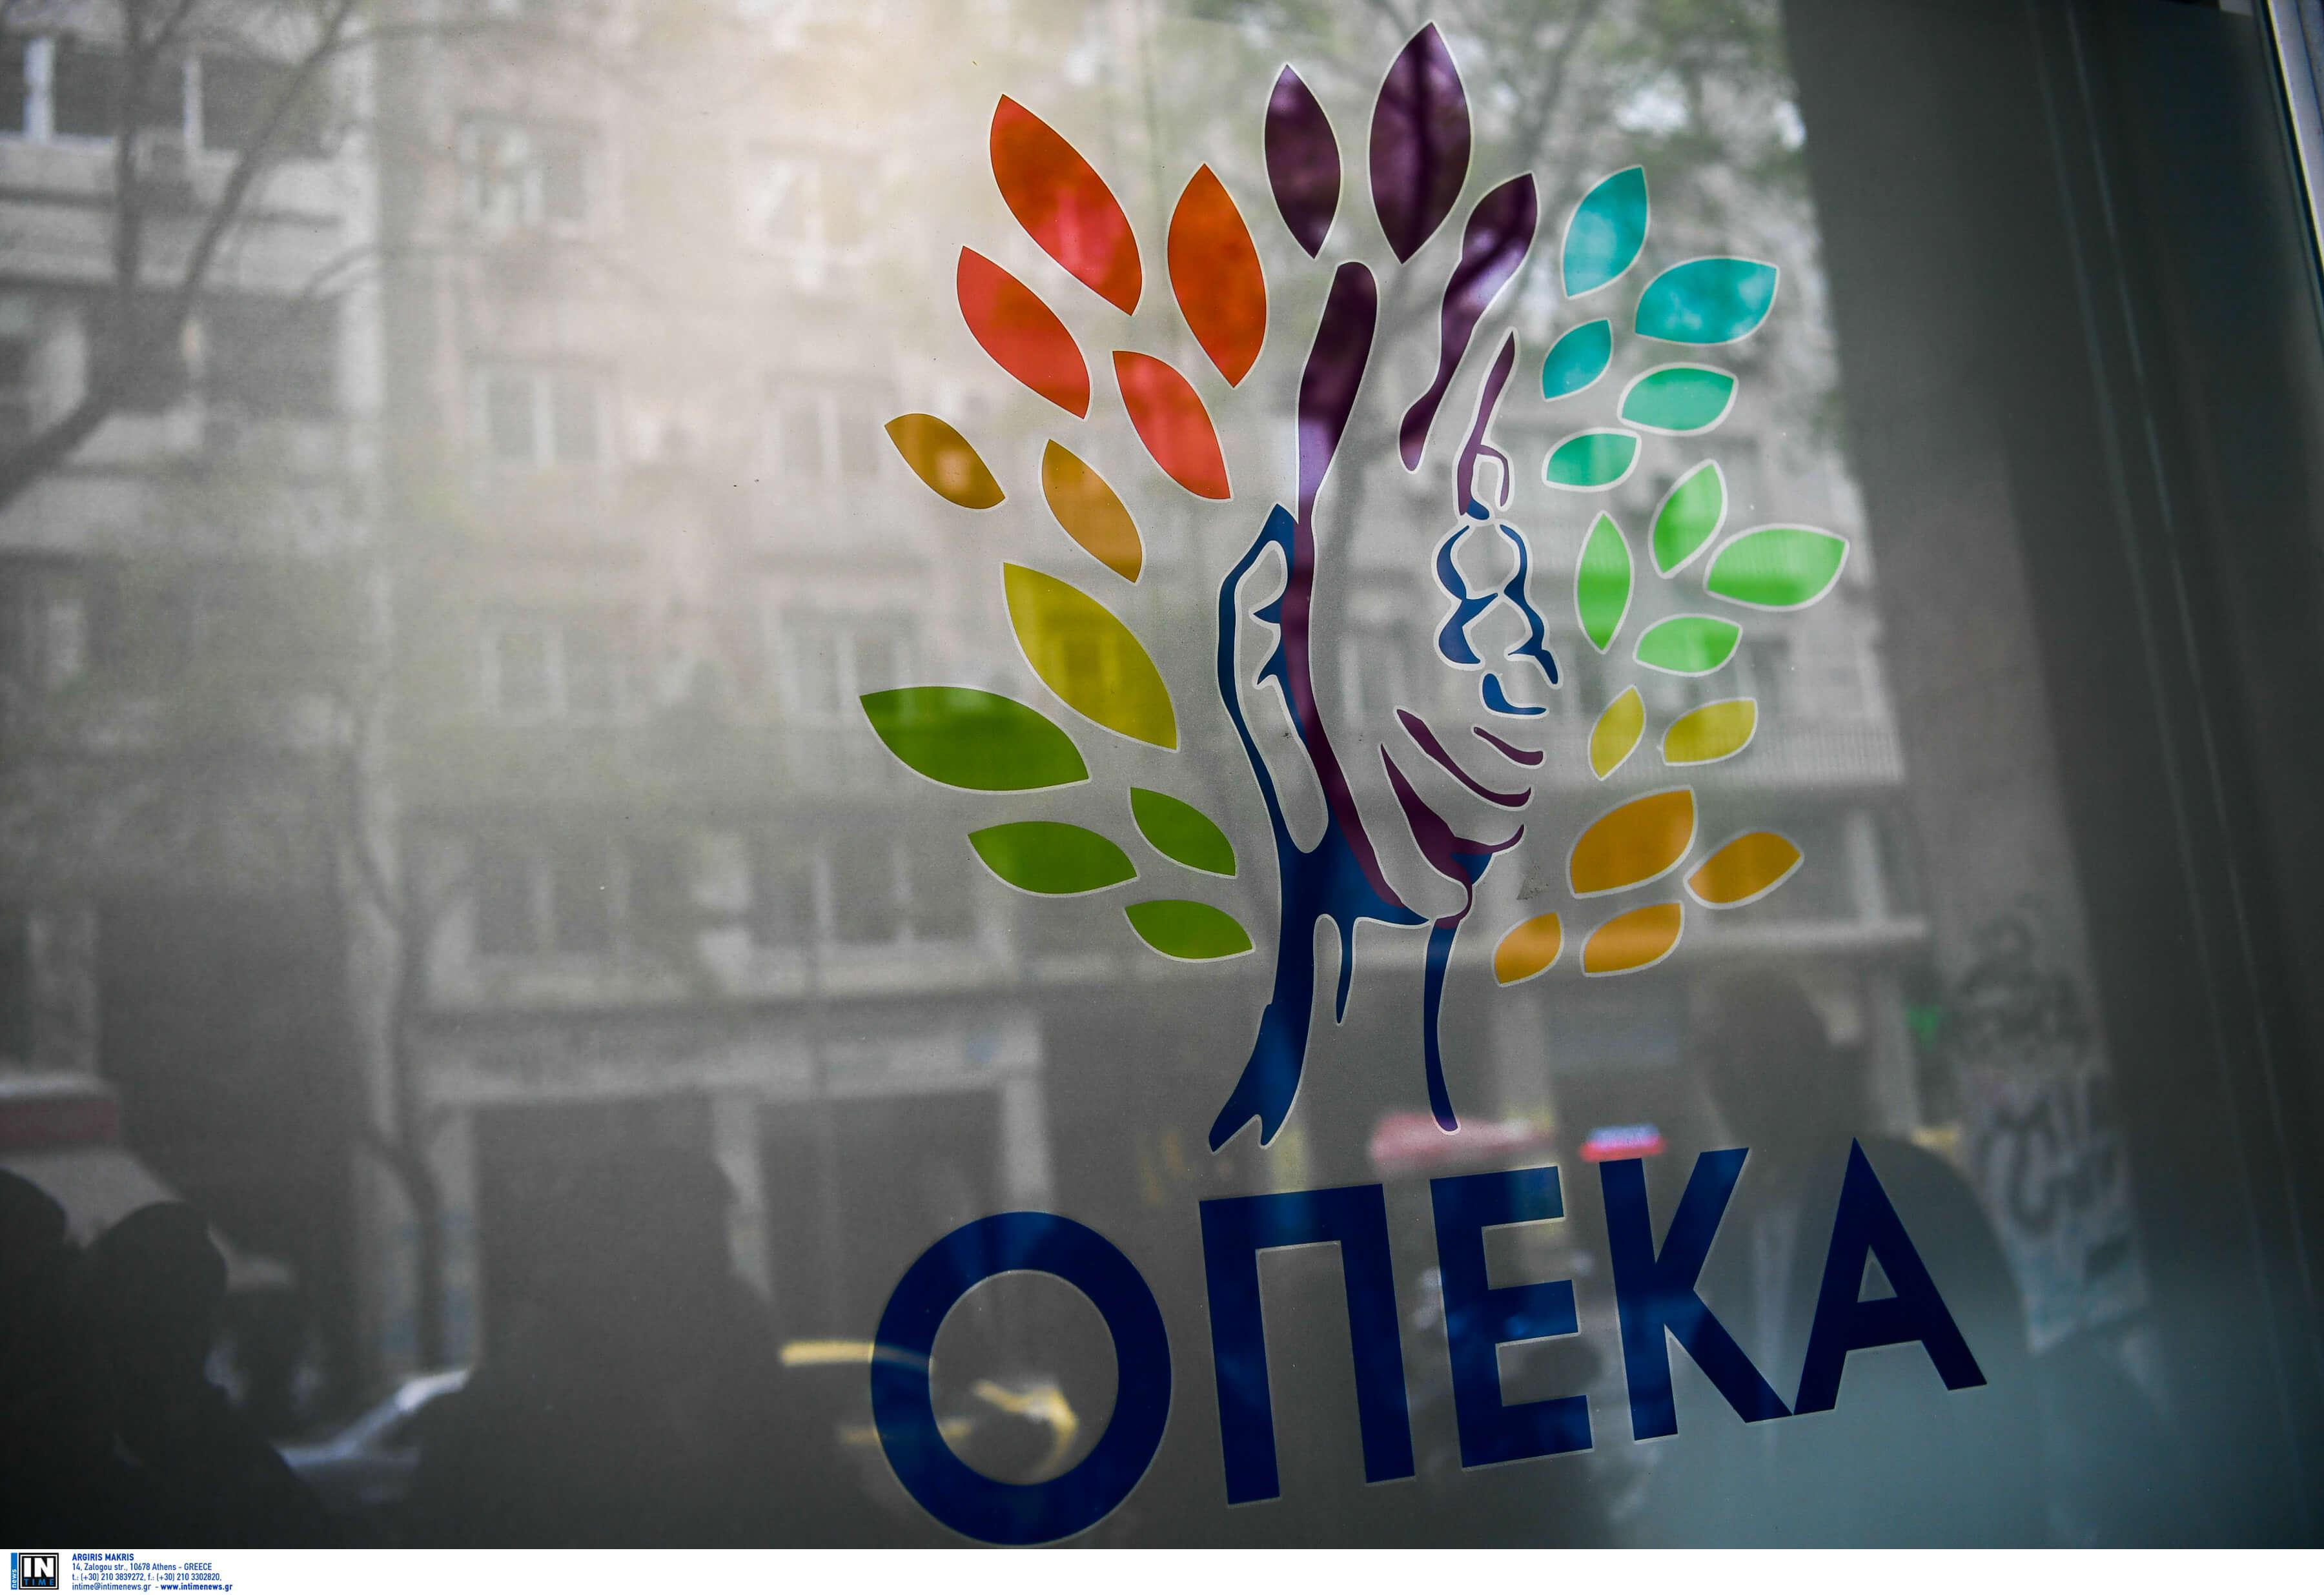 Επιδόματα ΟΠΕΚΑ: Ποιες πληρωμές θα γίνουν στις 30 Ιουνίου